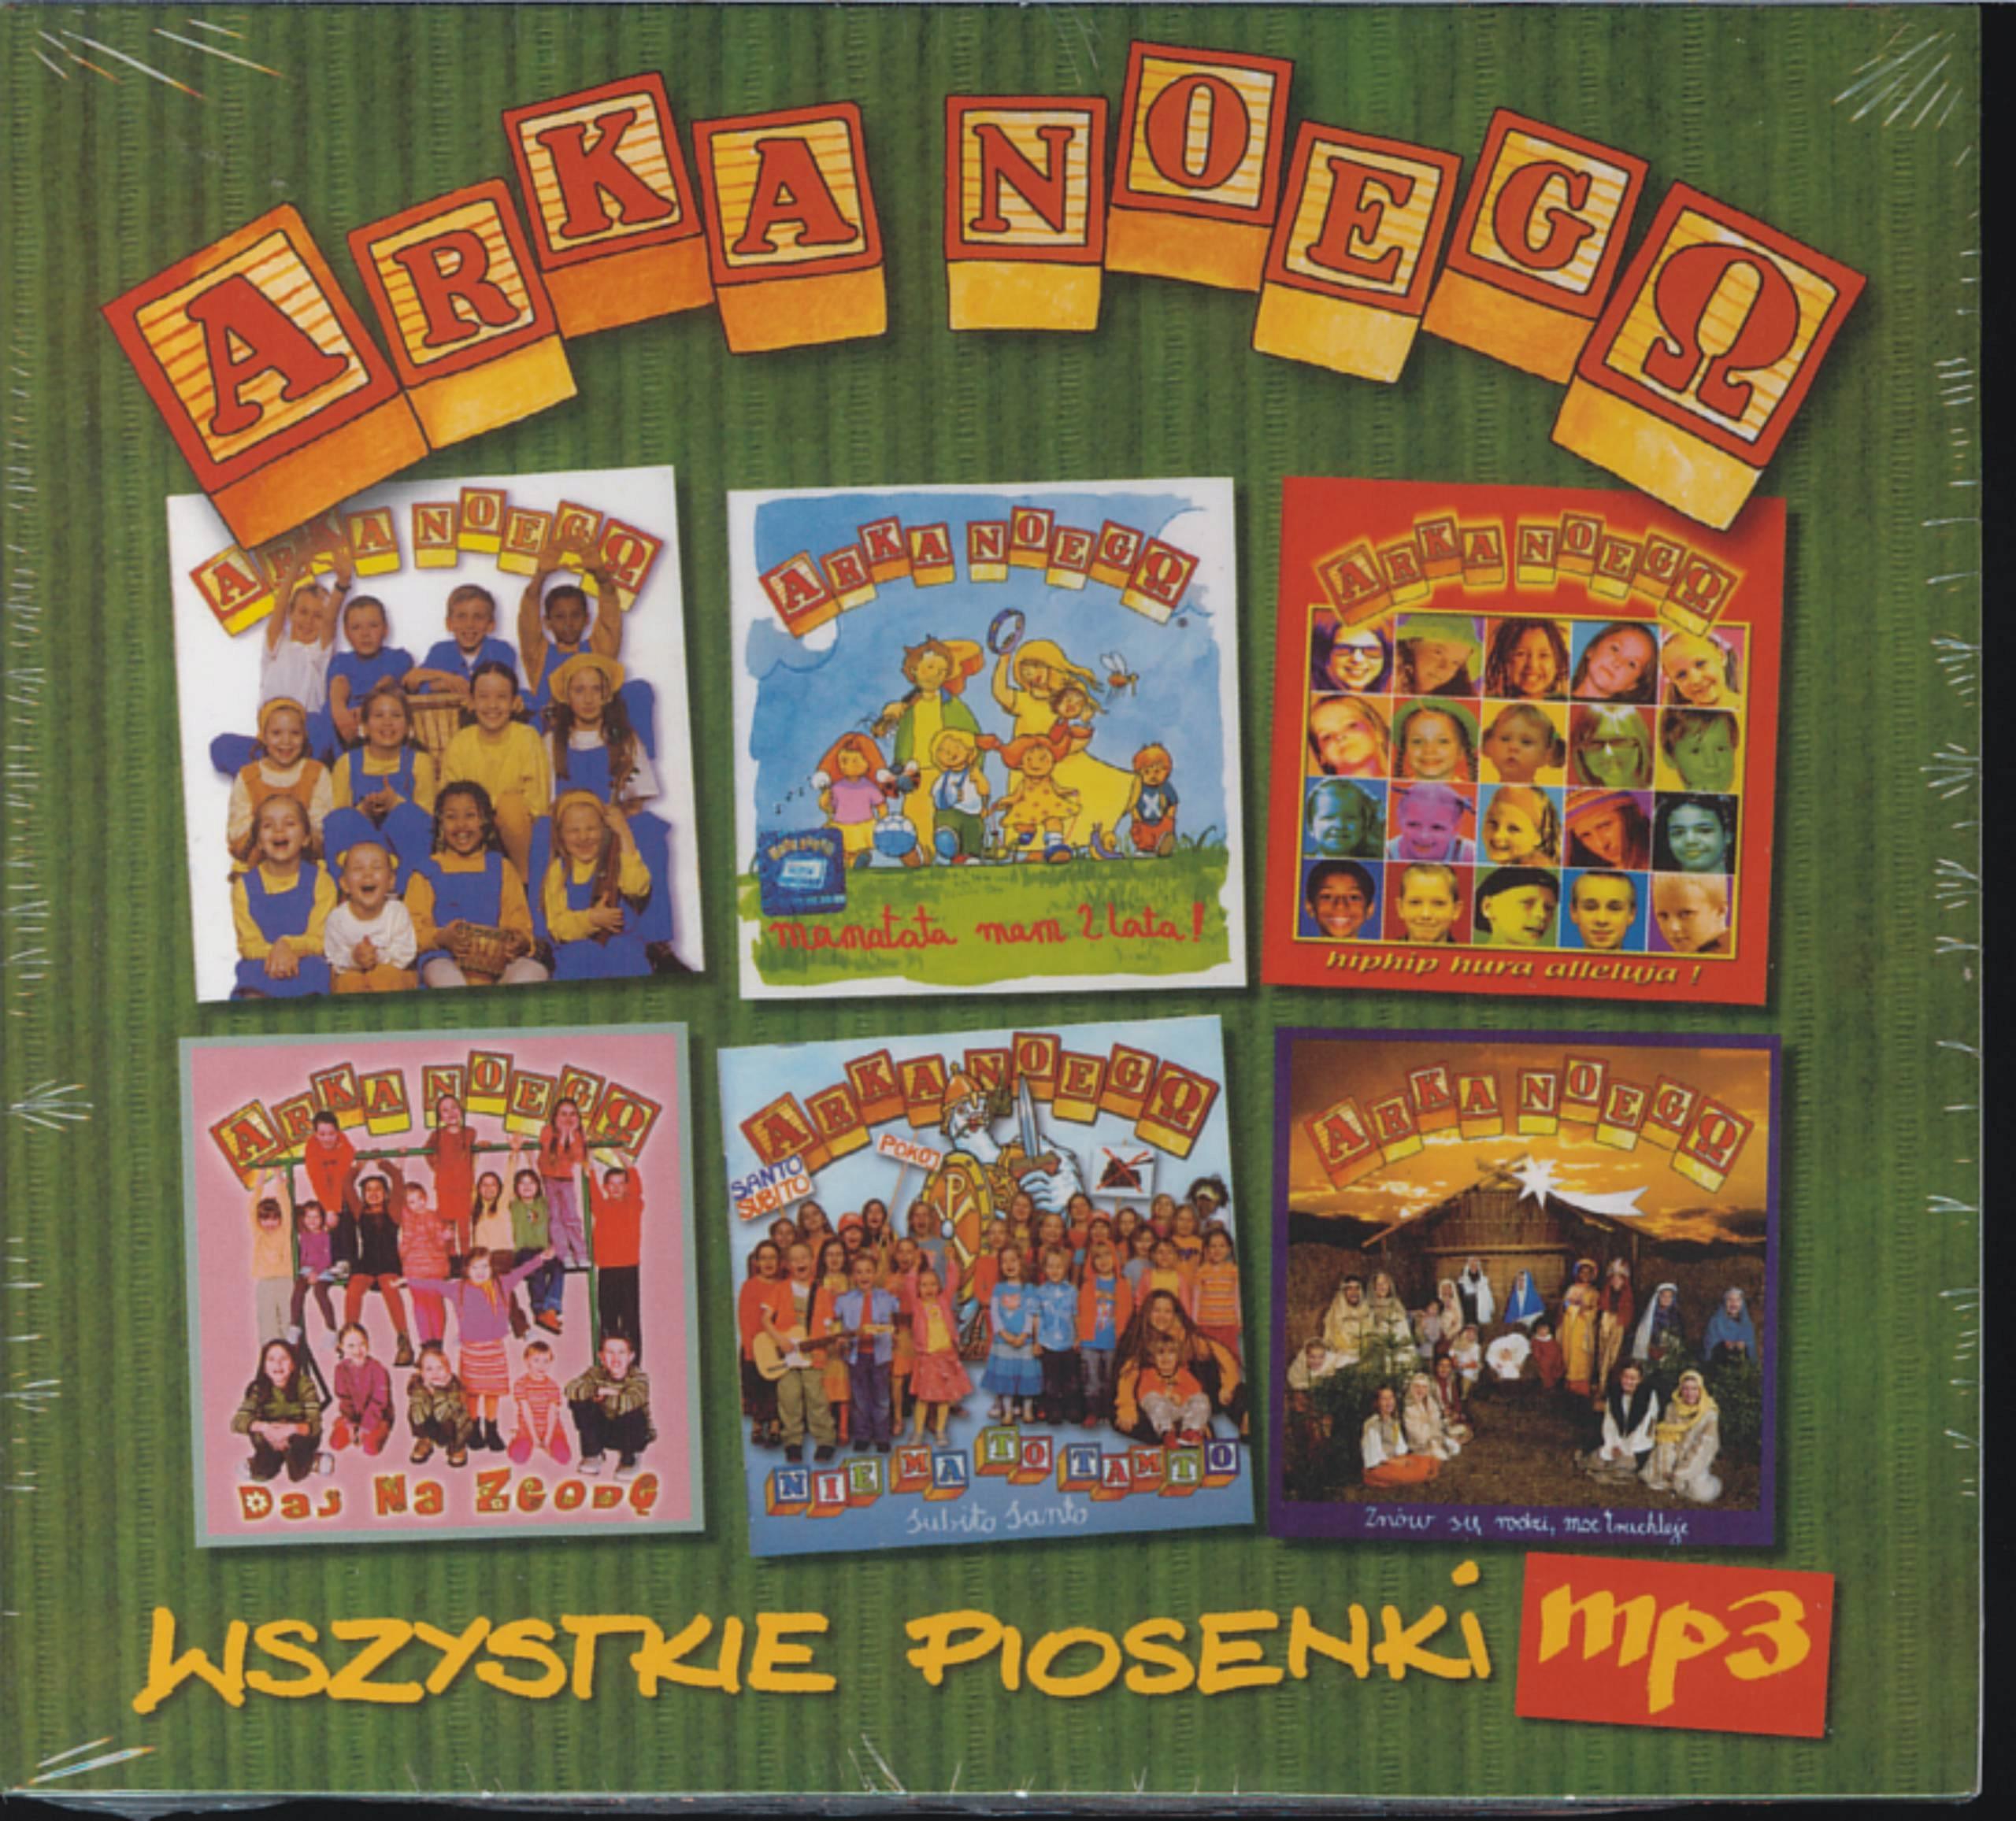 arka noego tato instrumental mp3